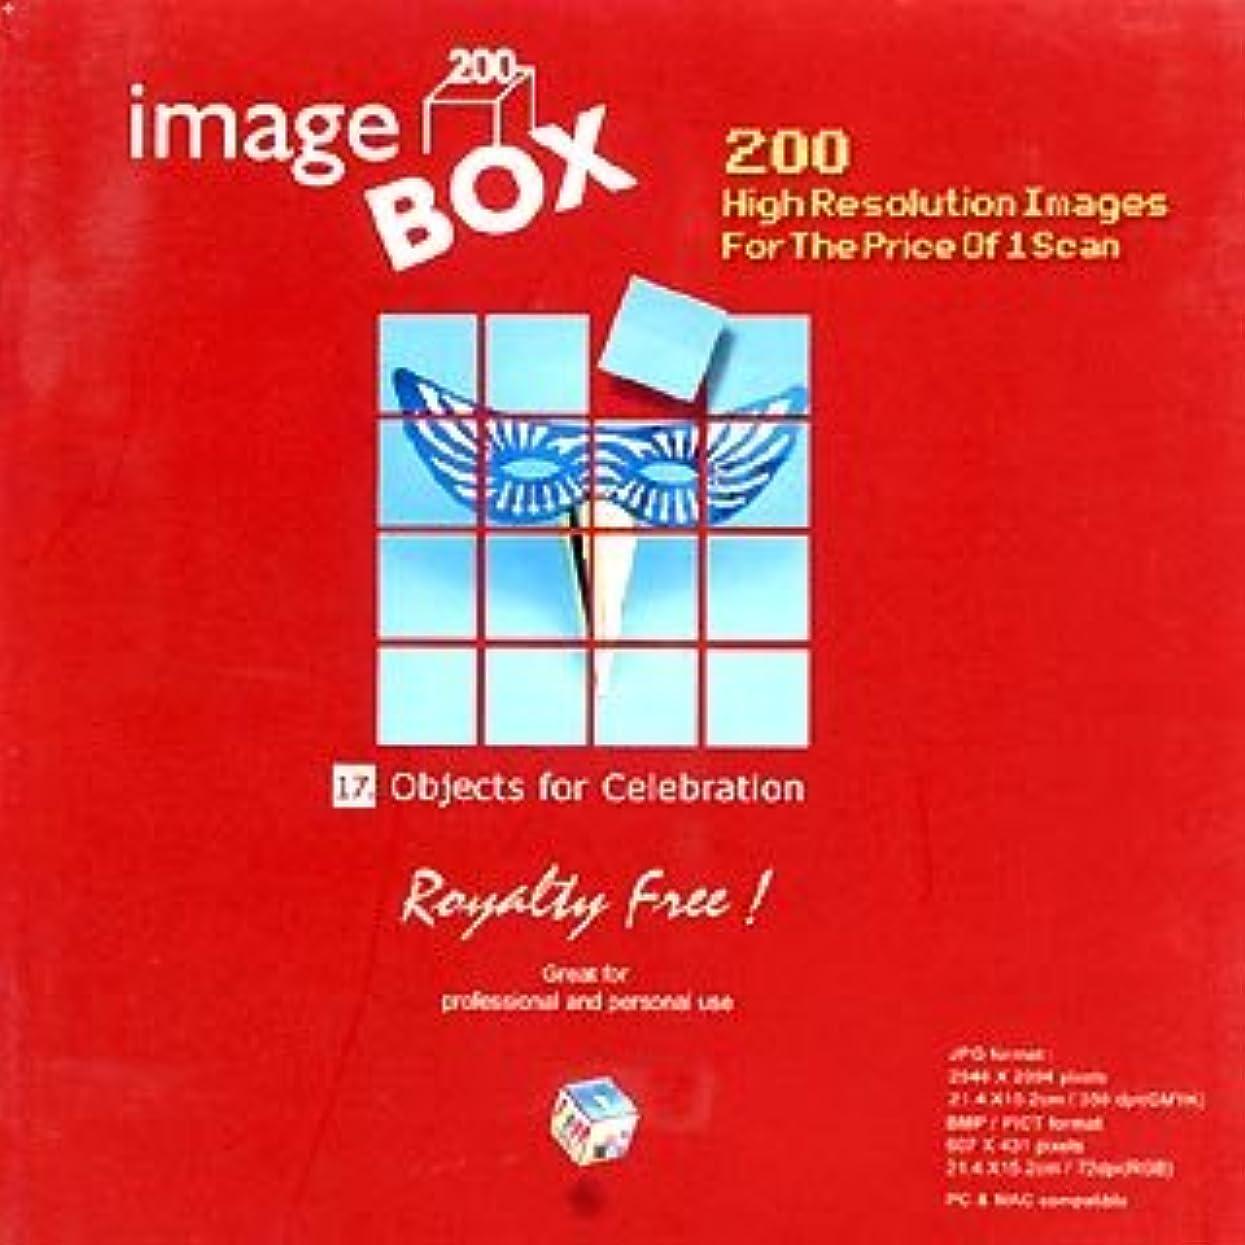 拡散する合図系統的イメージ ボックス Vol.17 祭典用品